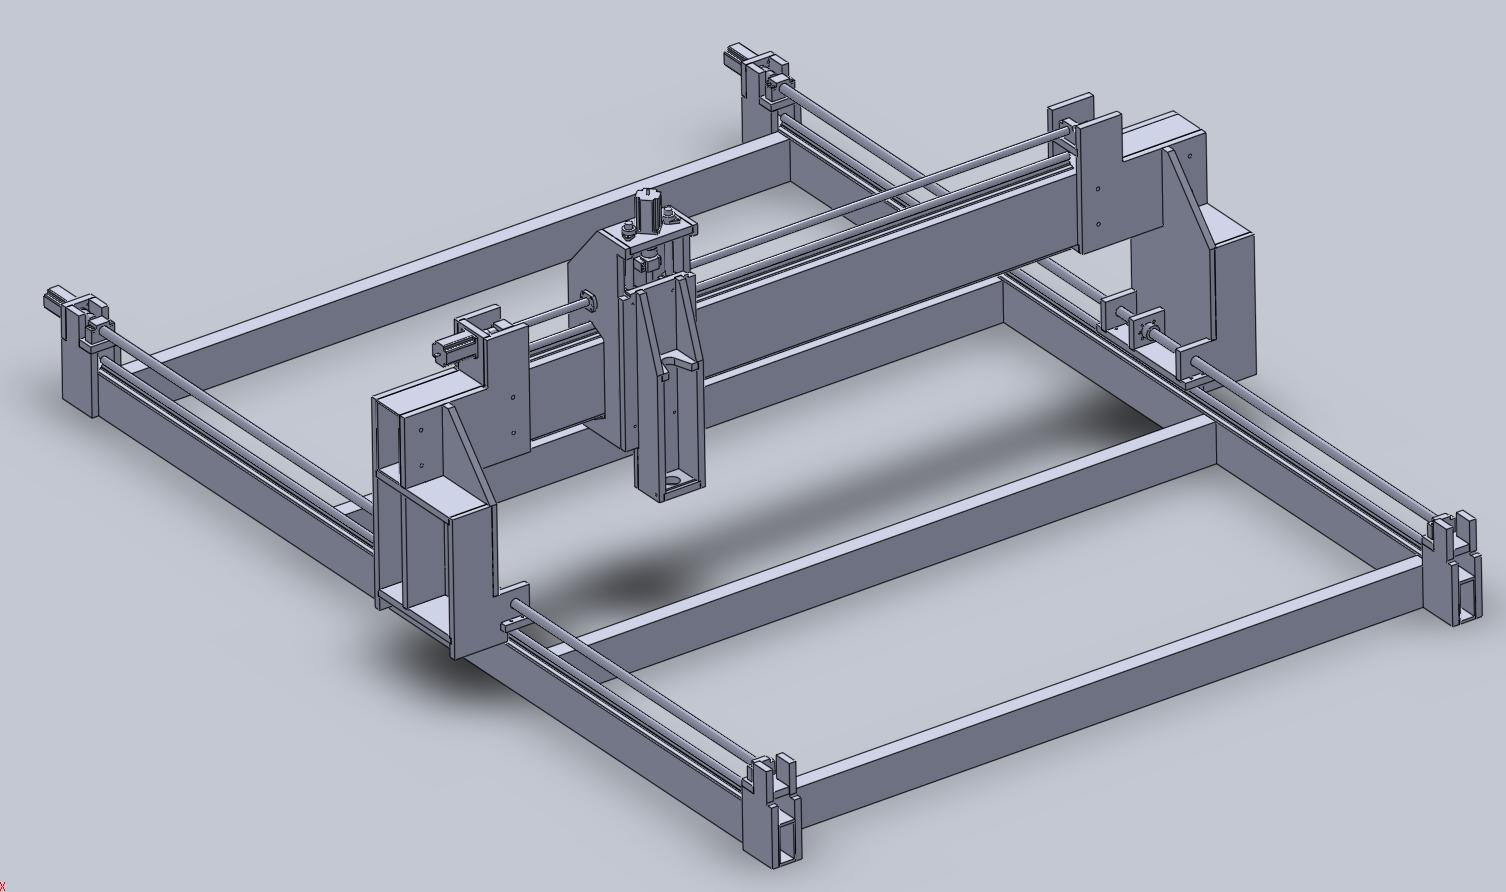 Initial CAD design